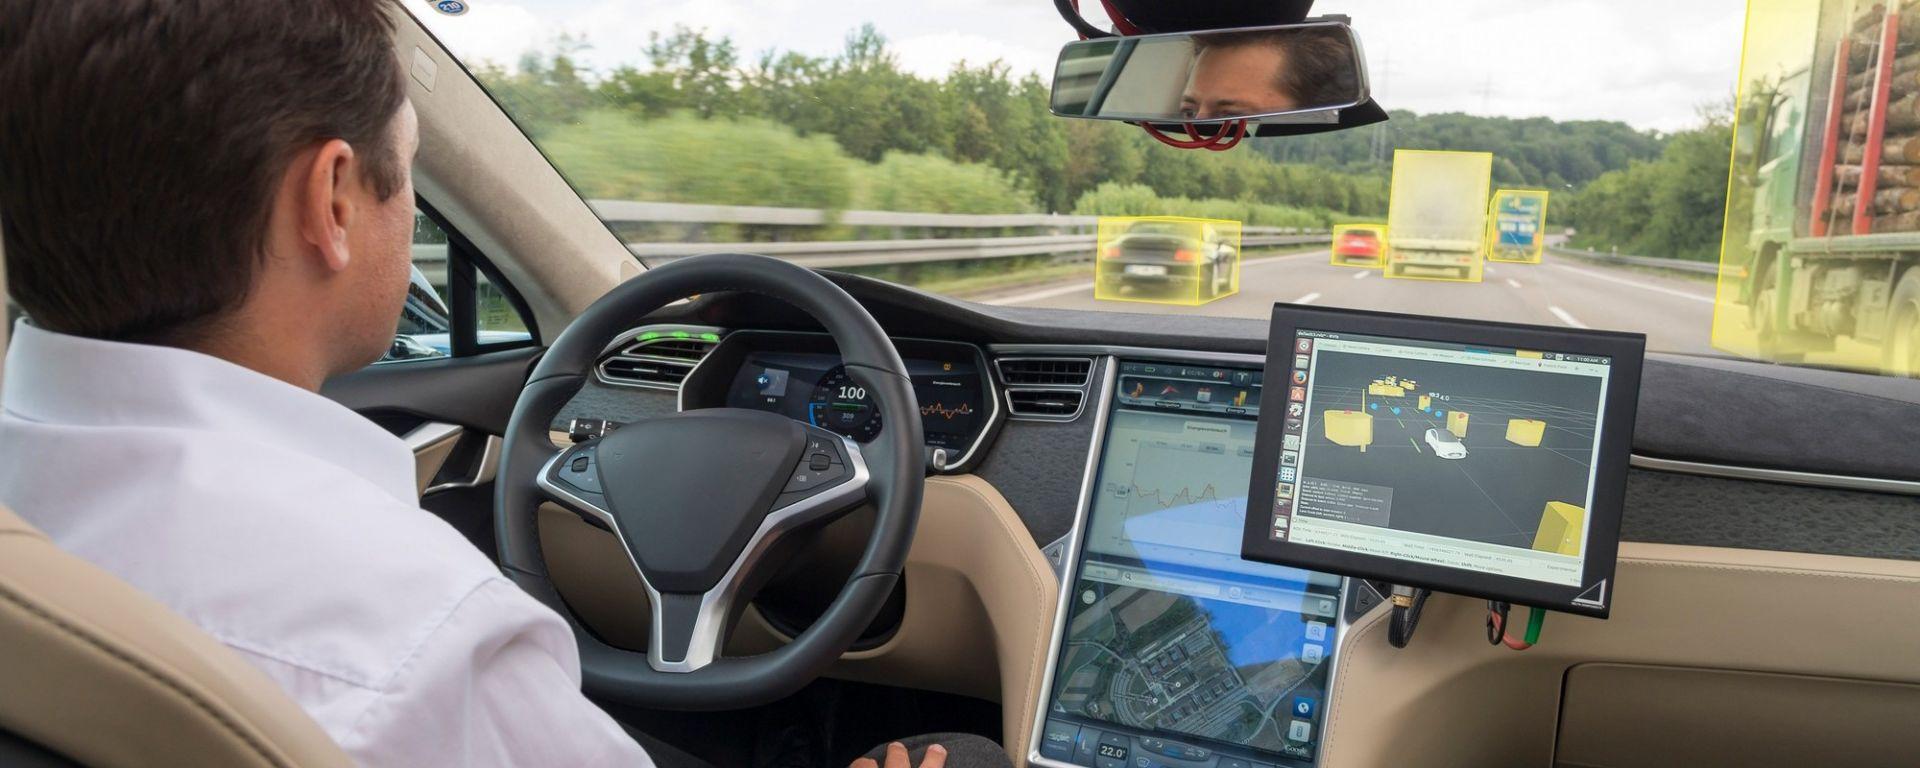 Guida autonoma: test liberi in UK come antidoto alla Brexit